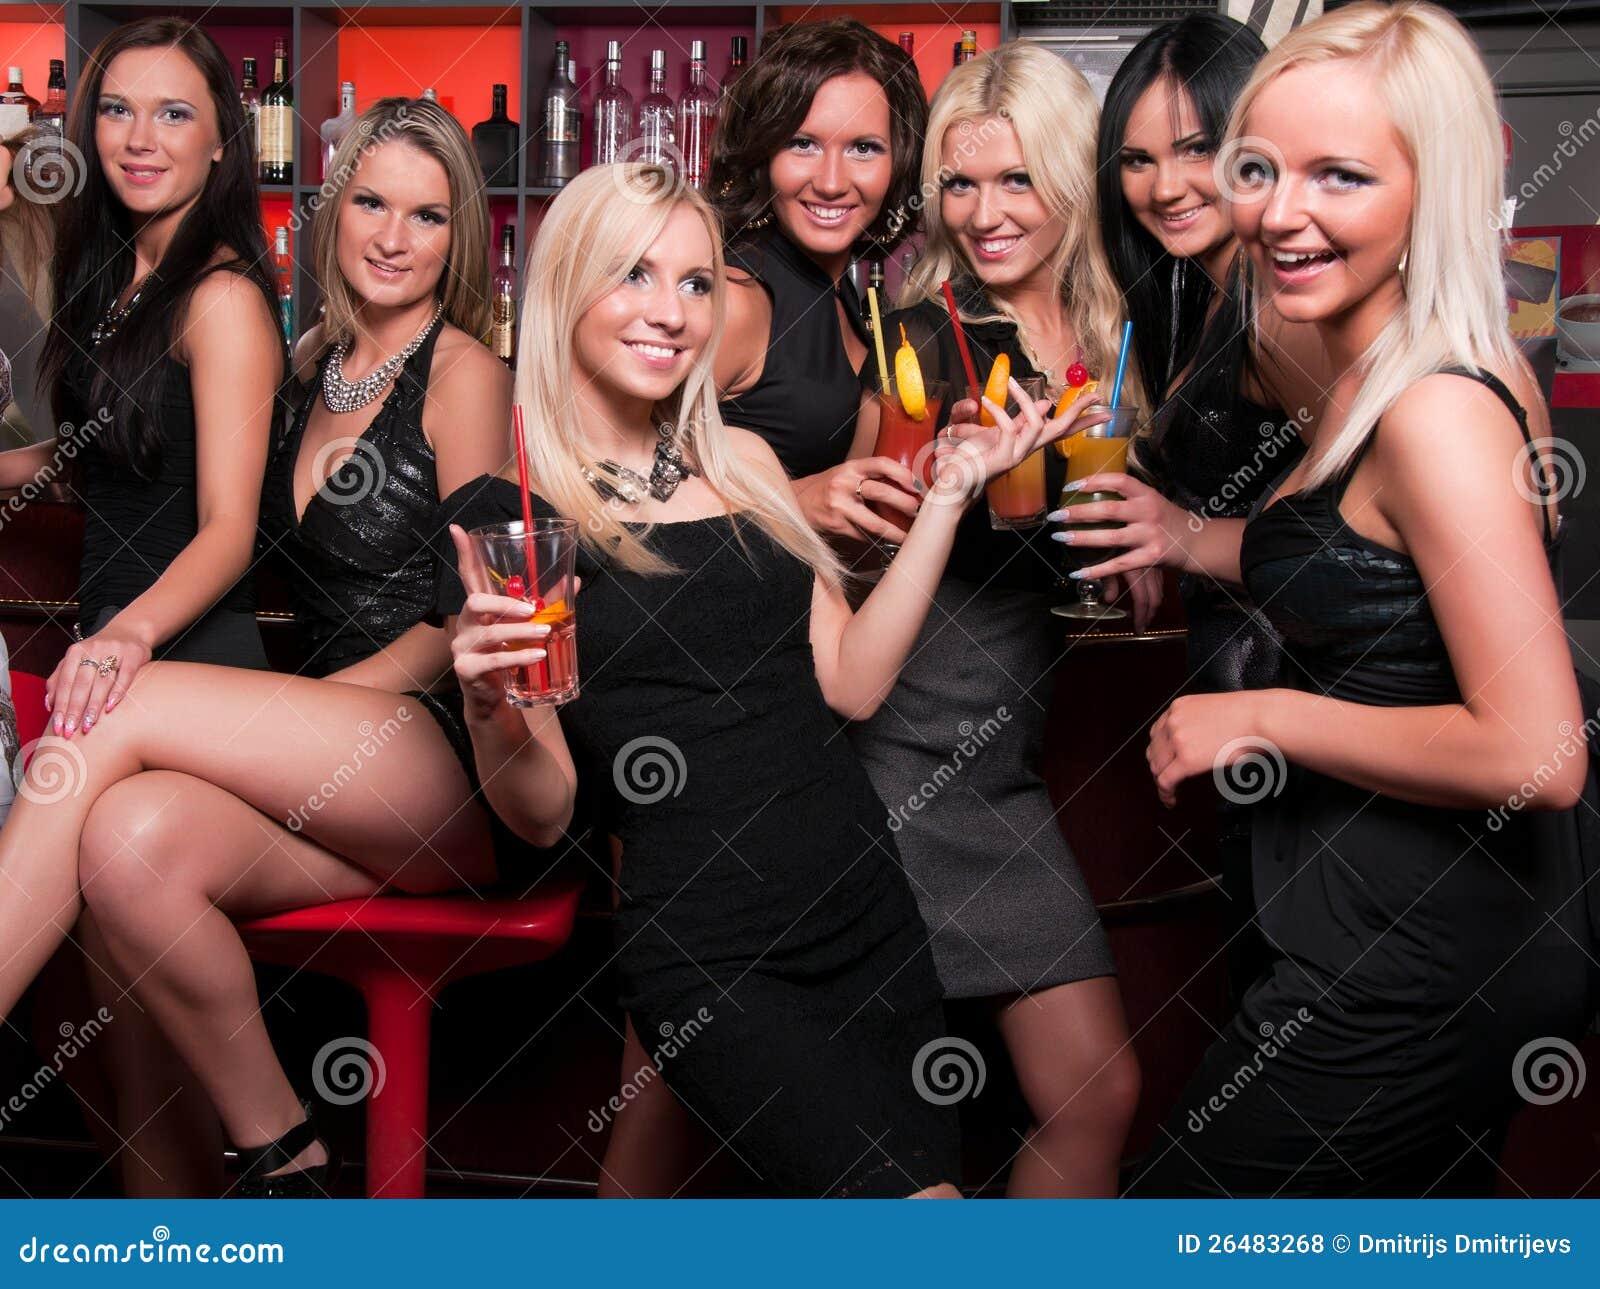 Сосут в ночном баре 3 фотография